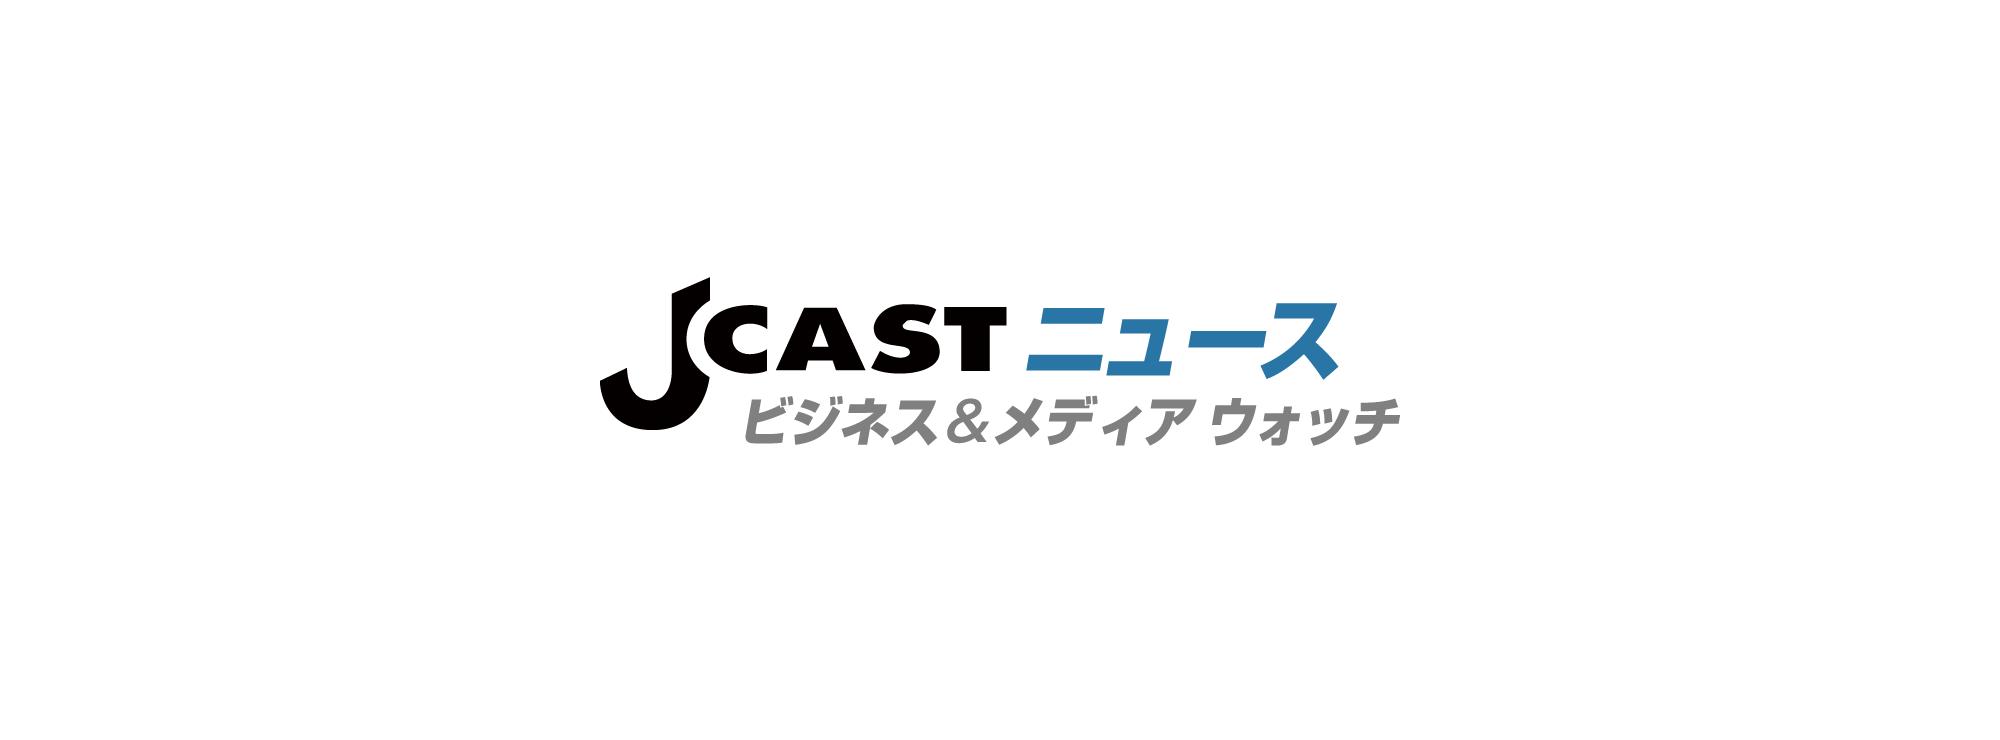 木下優樹菜、娘からの手紙に感動 「ままI LOVE YOU」 : J-CASTテレビウォッチ